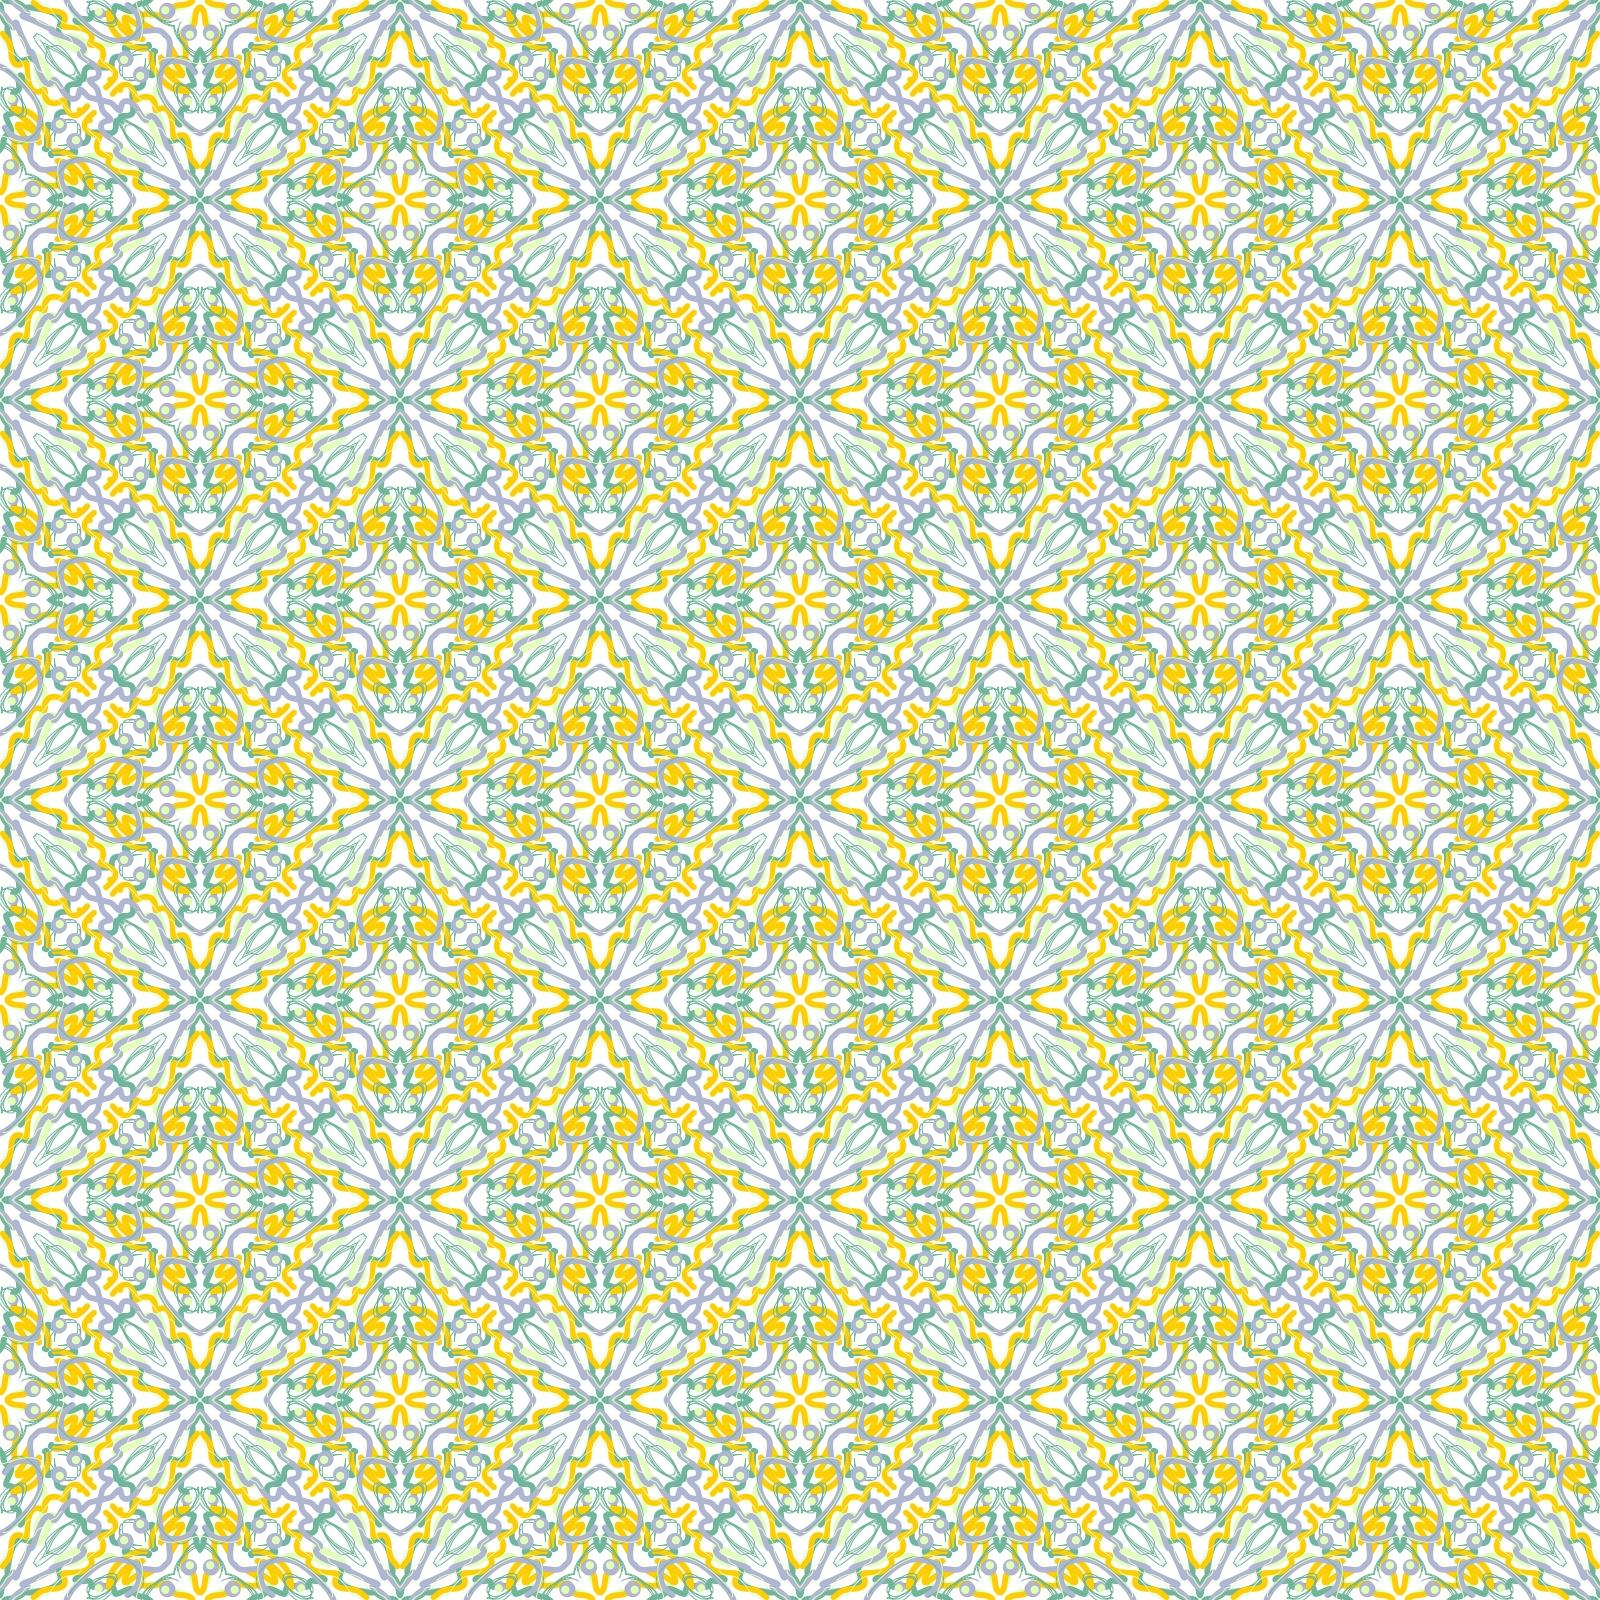 058_tiled